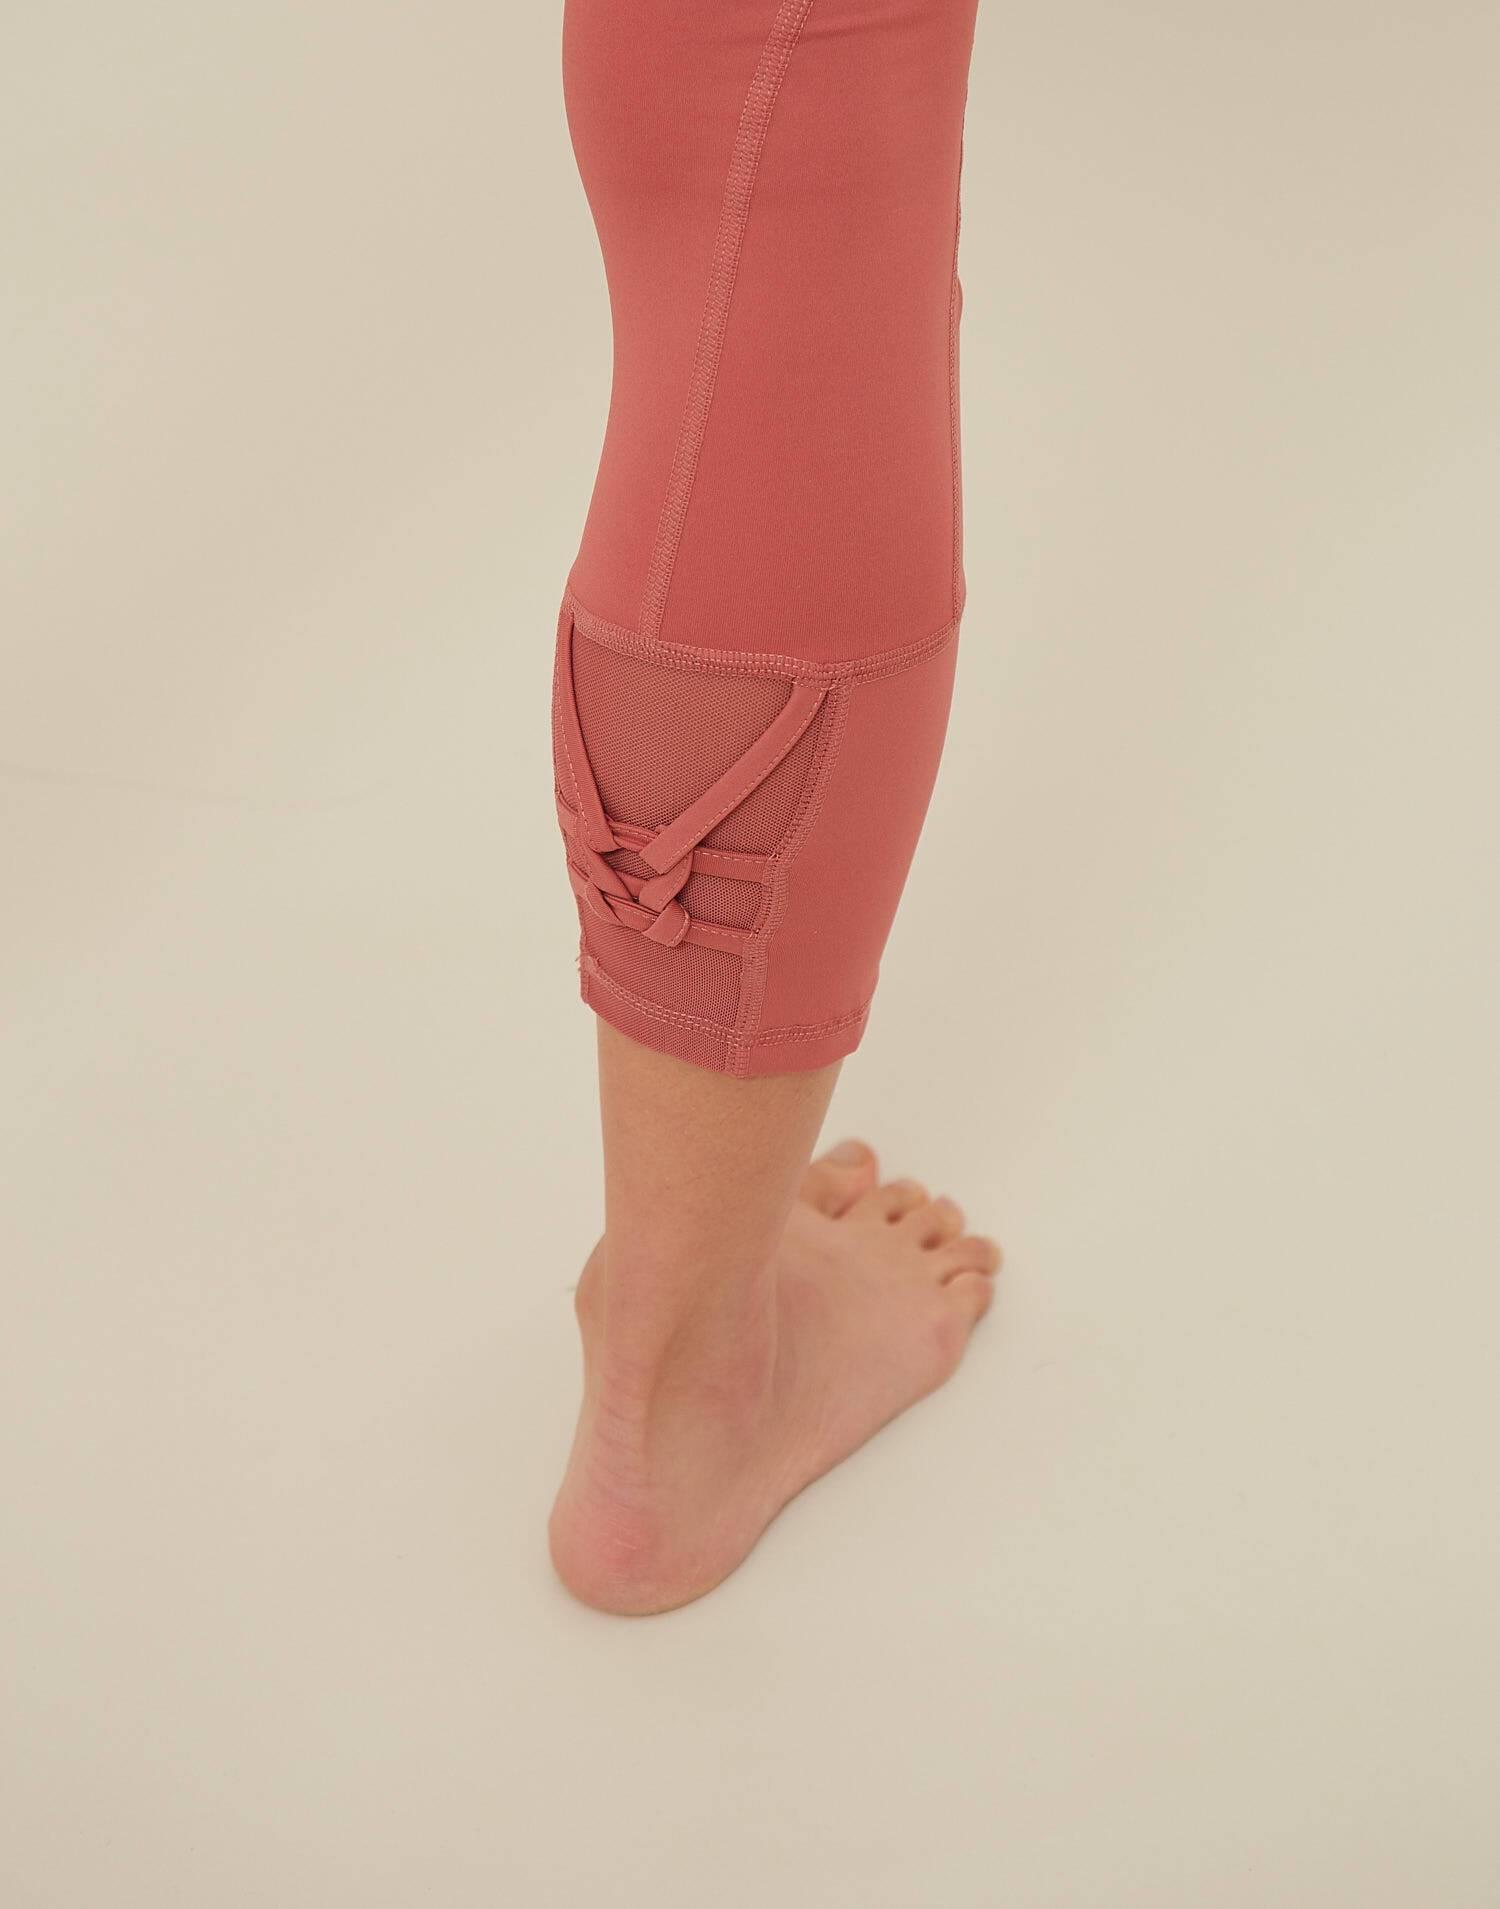 Legging shiva born living yoga